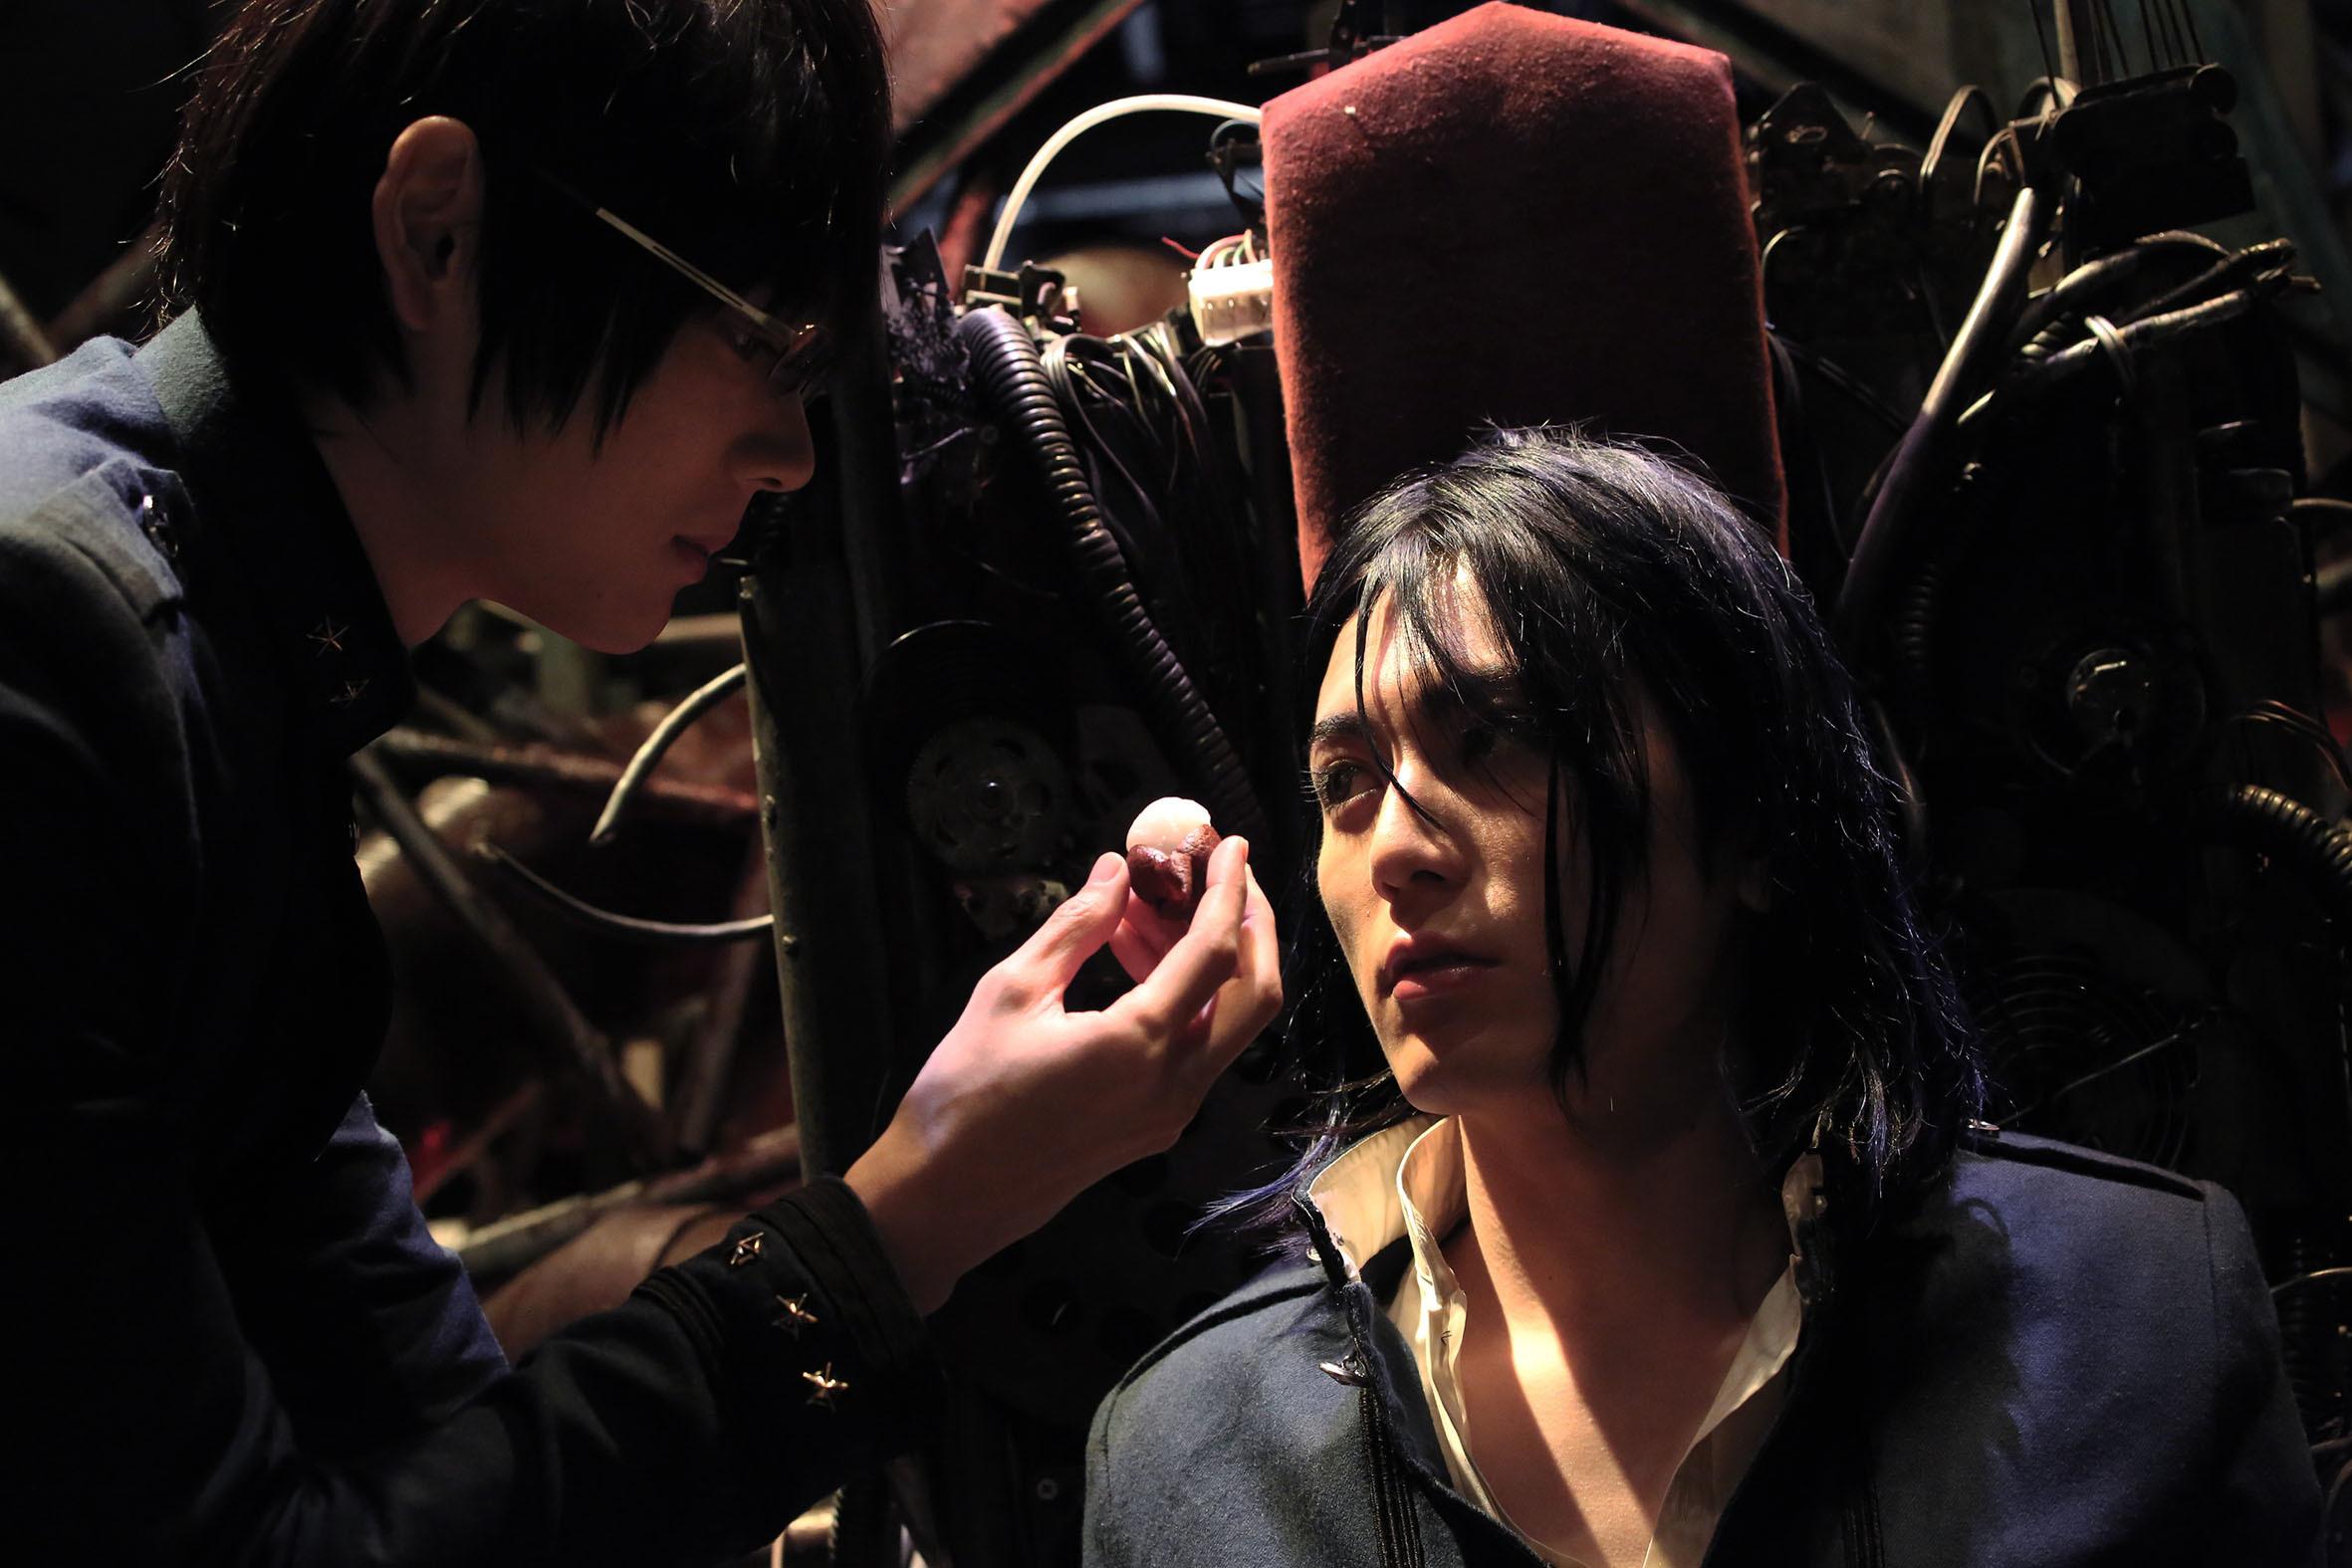 ジャイボ(間宮祥太朗)が『ライチ☆光クラブ』の世界へエスコート